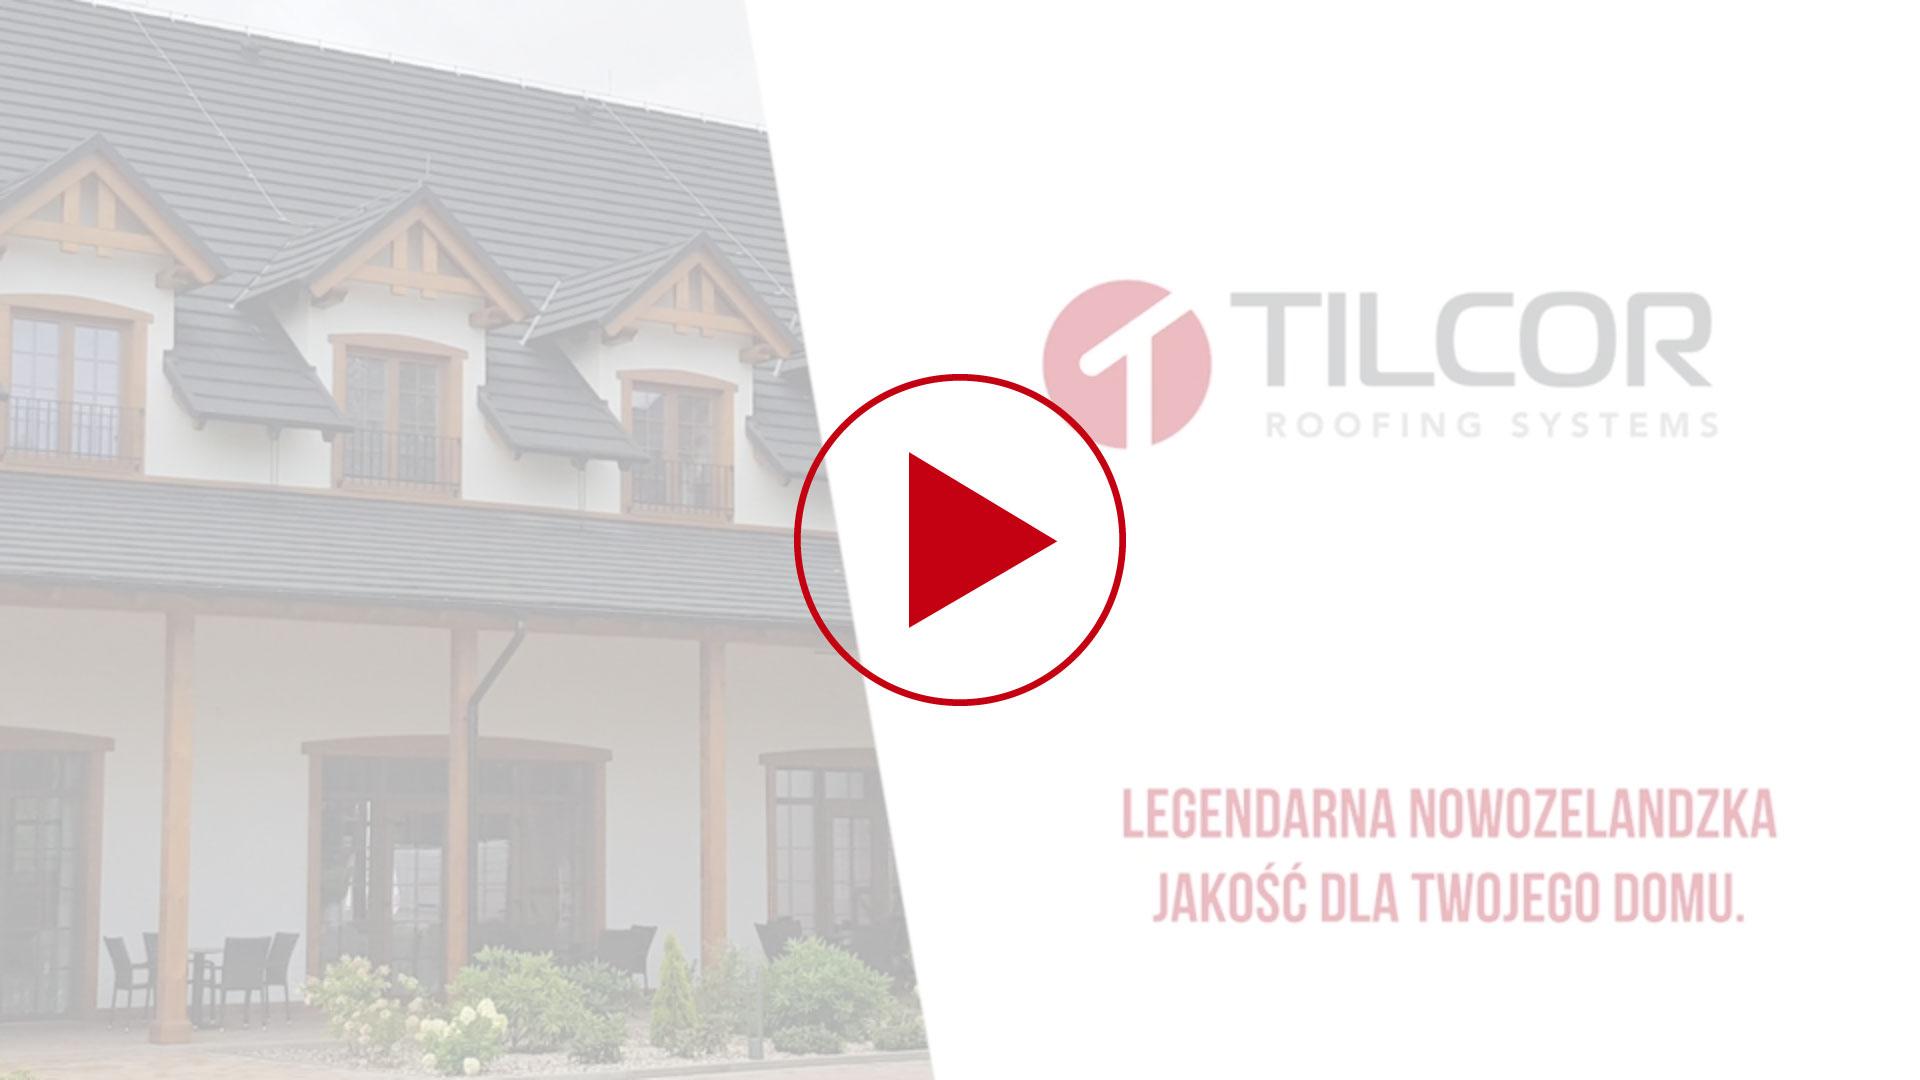 tilcor-legendarna-jakosc-hover